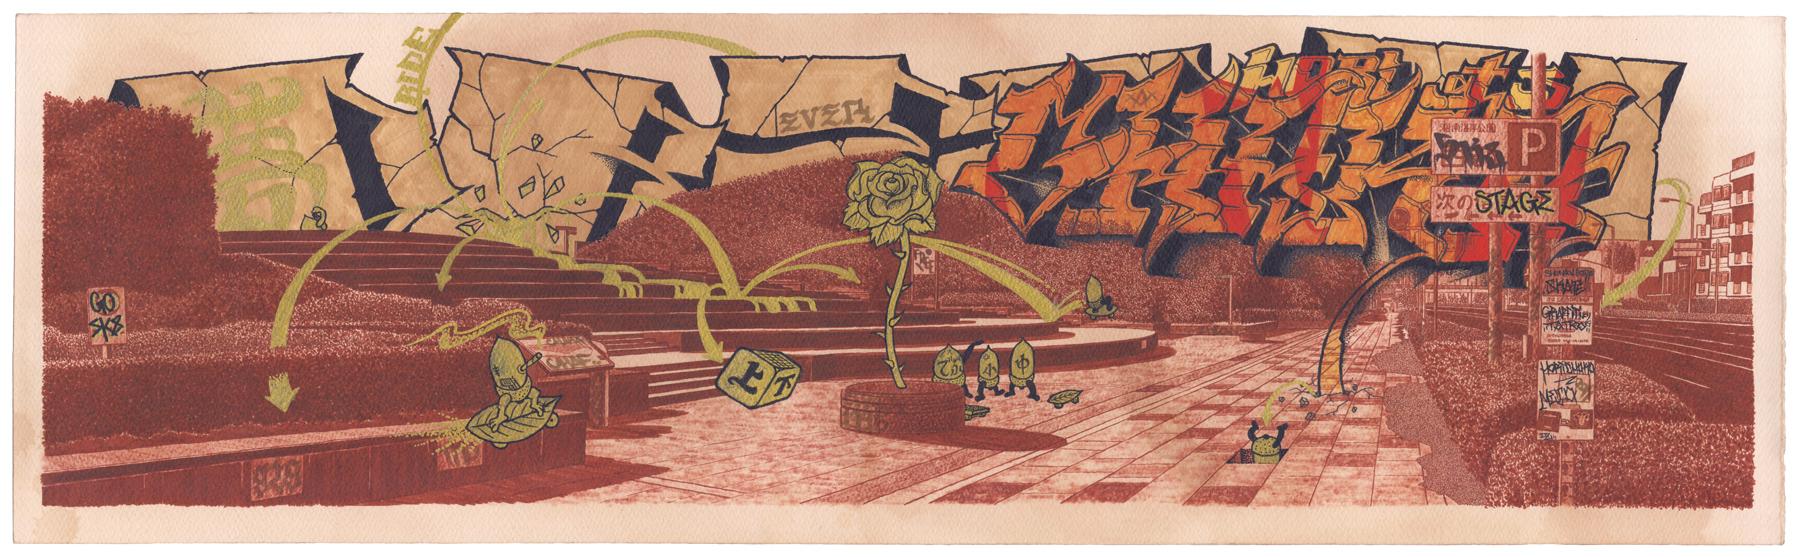 collaboration work   Chaka × Koji Yamaguchi  ink and acrylic and coffee on paper  2011